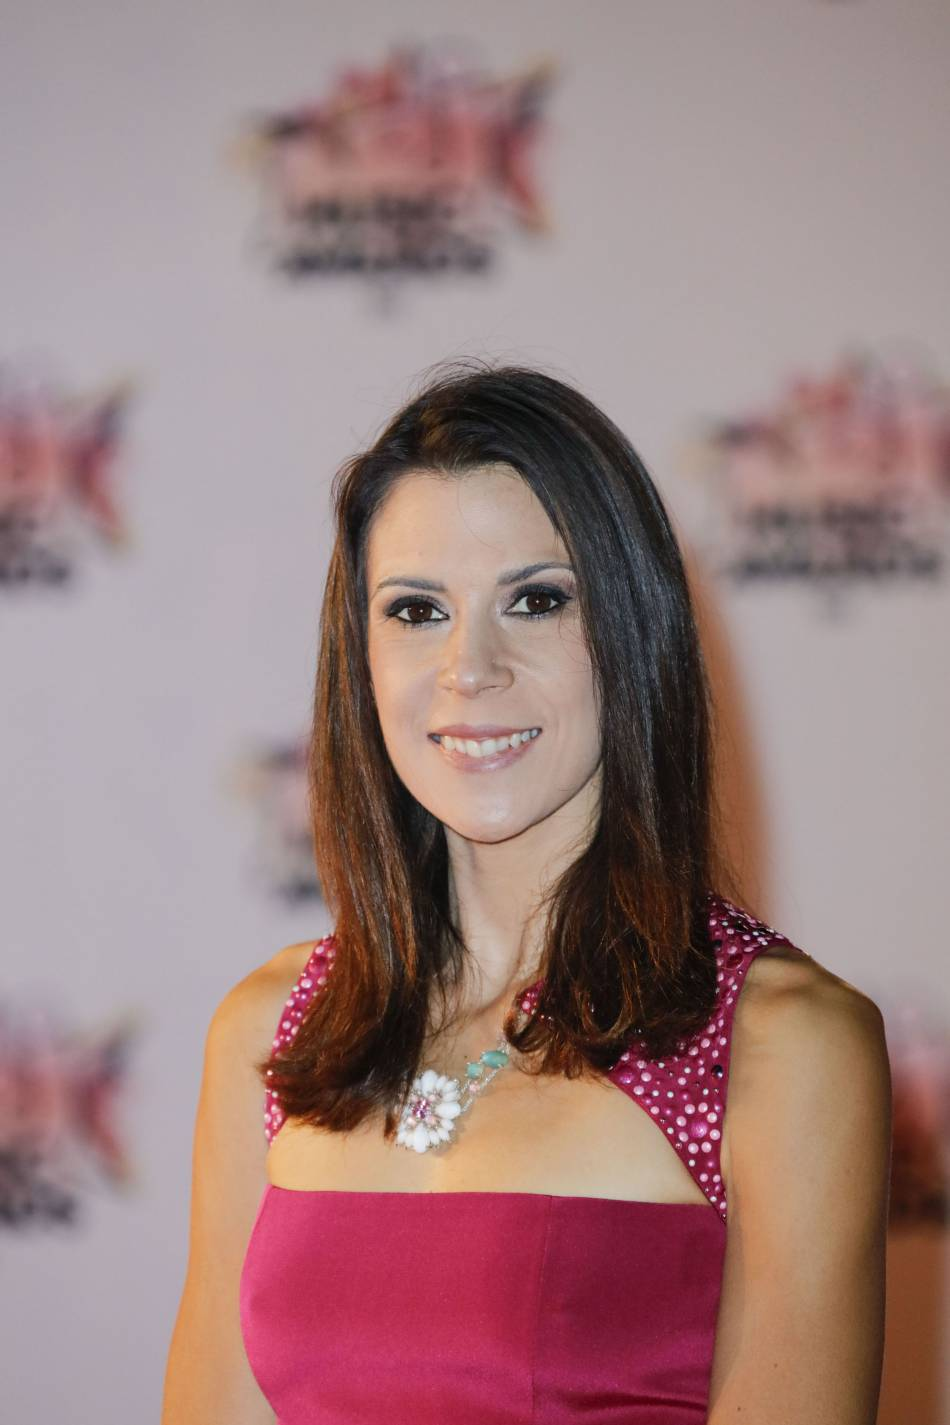 Marion Bartoli plus mince que jamais aux NMA 2015, elle affole la toile !